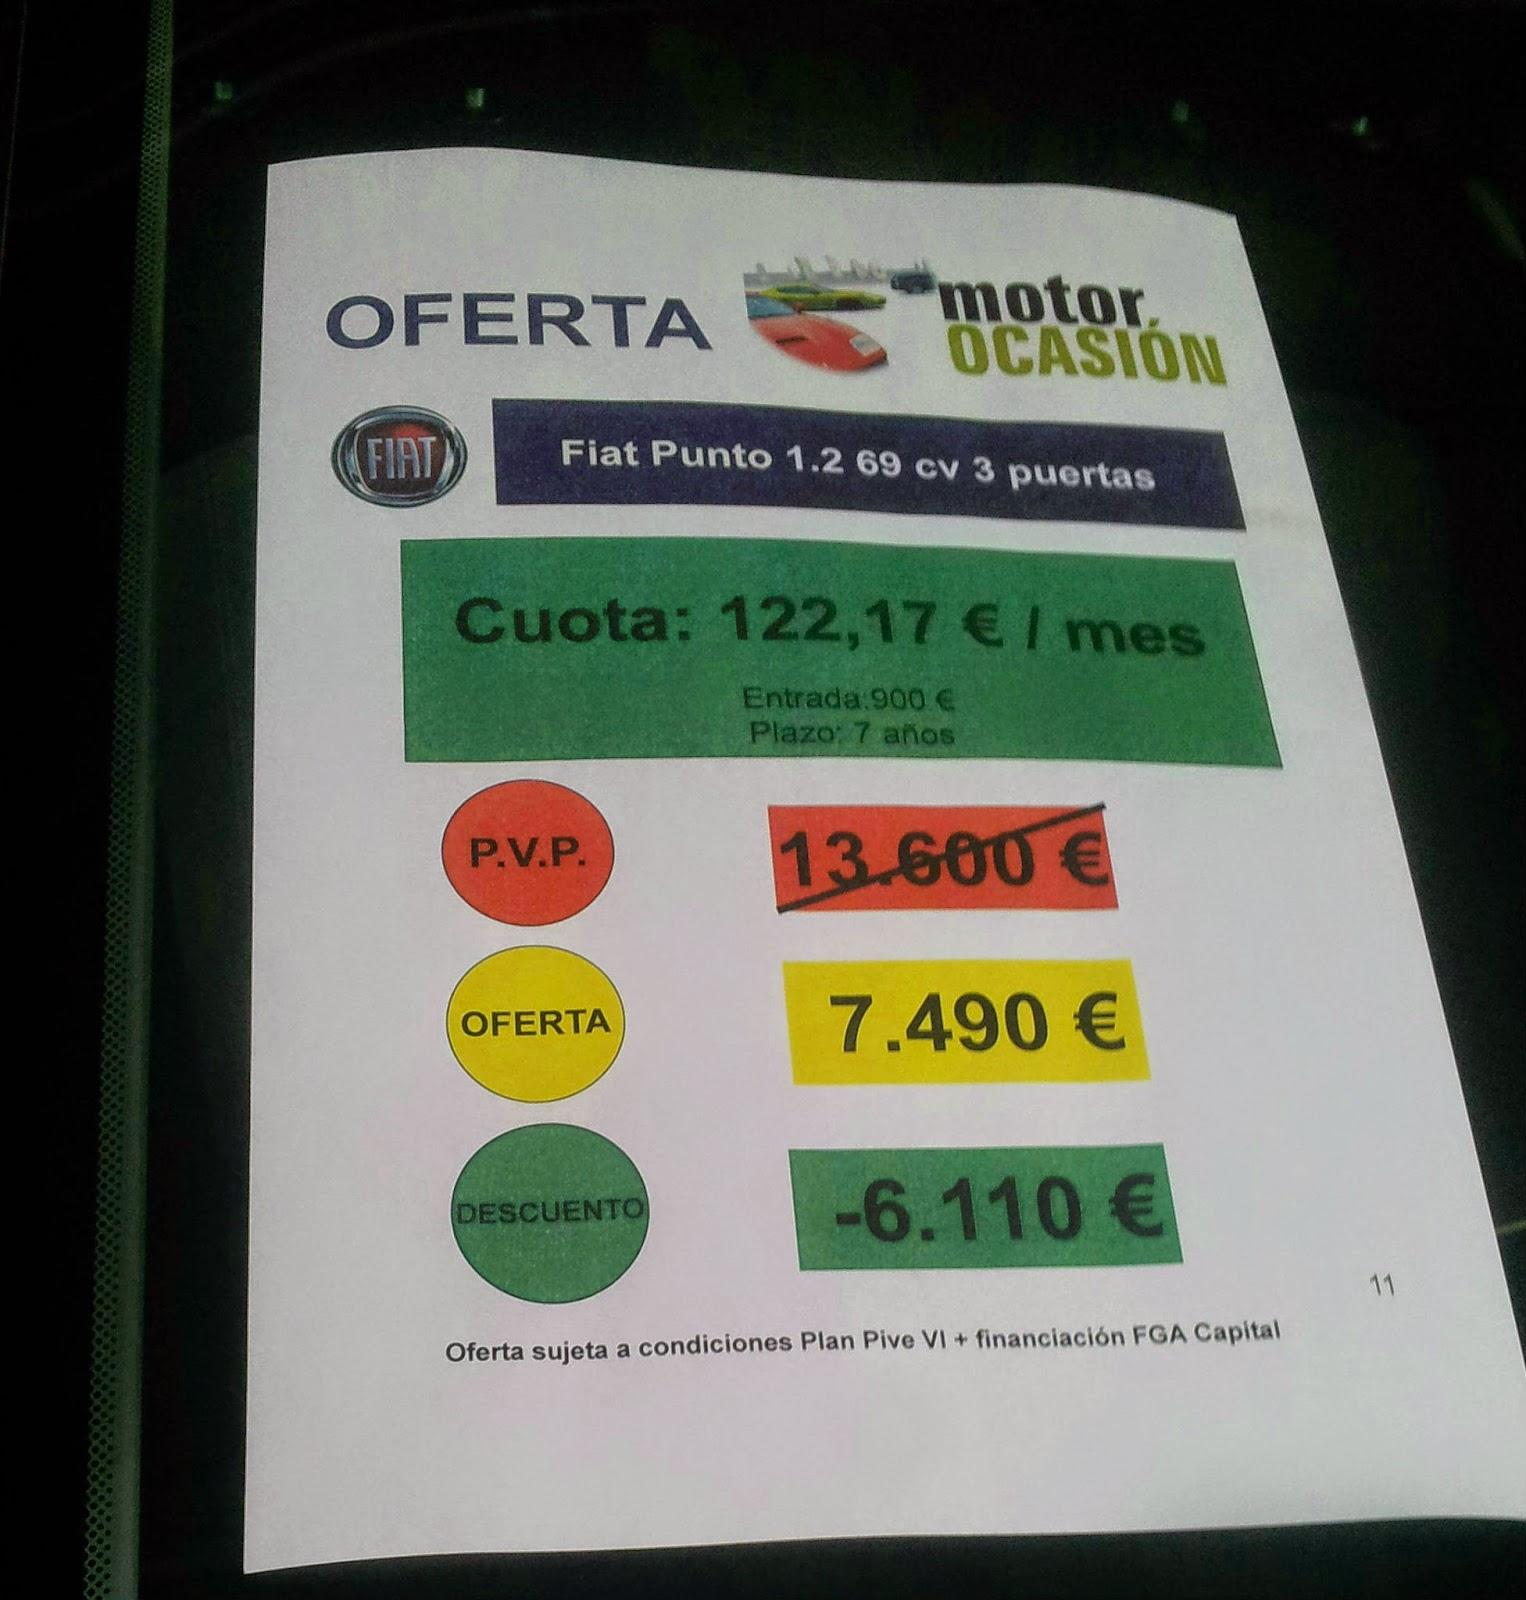 estafa precio coches oferta motor ocasion